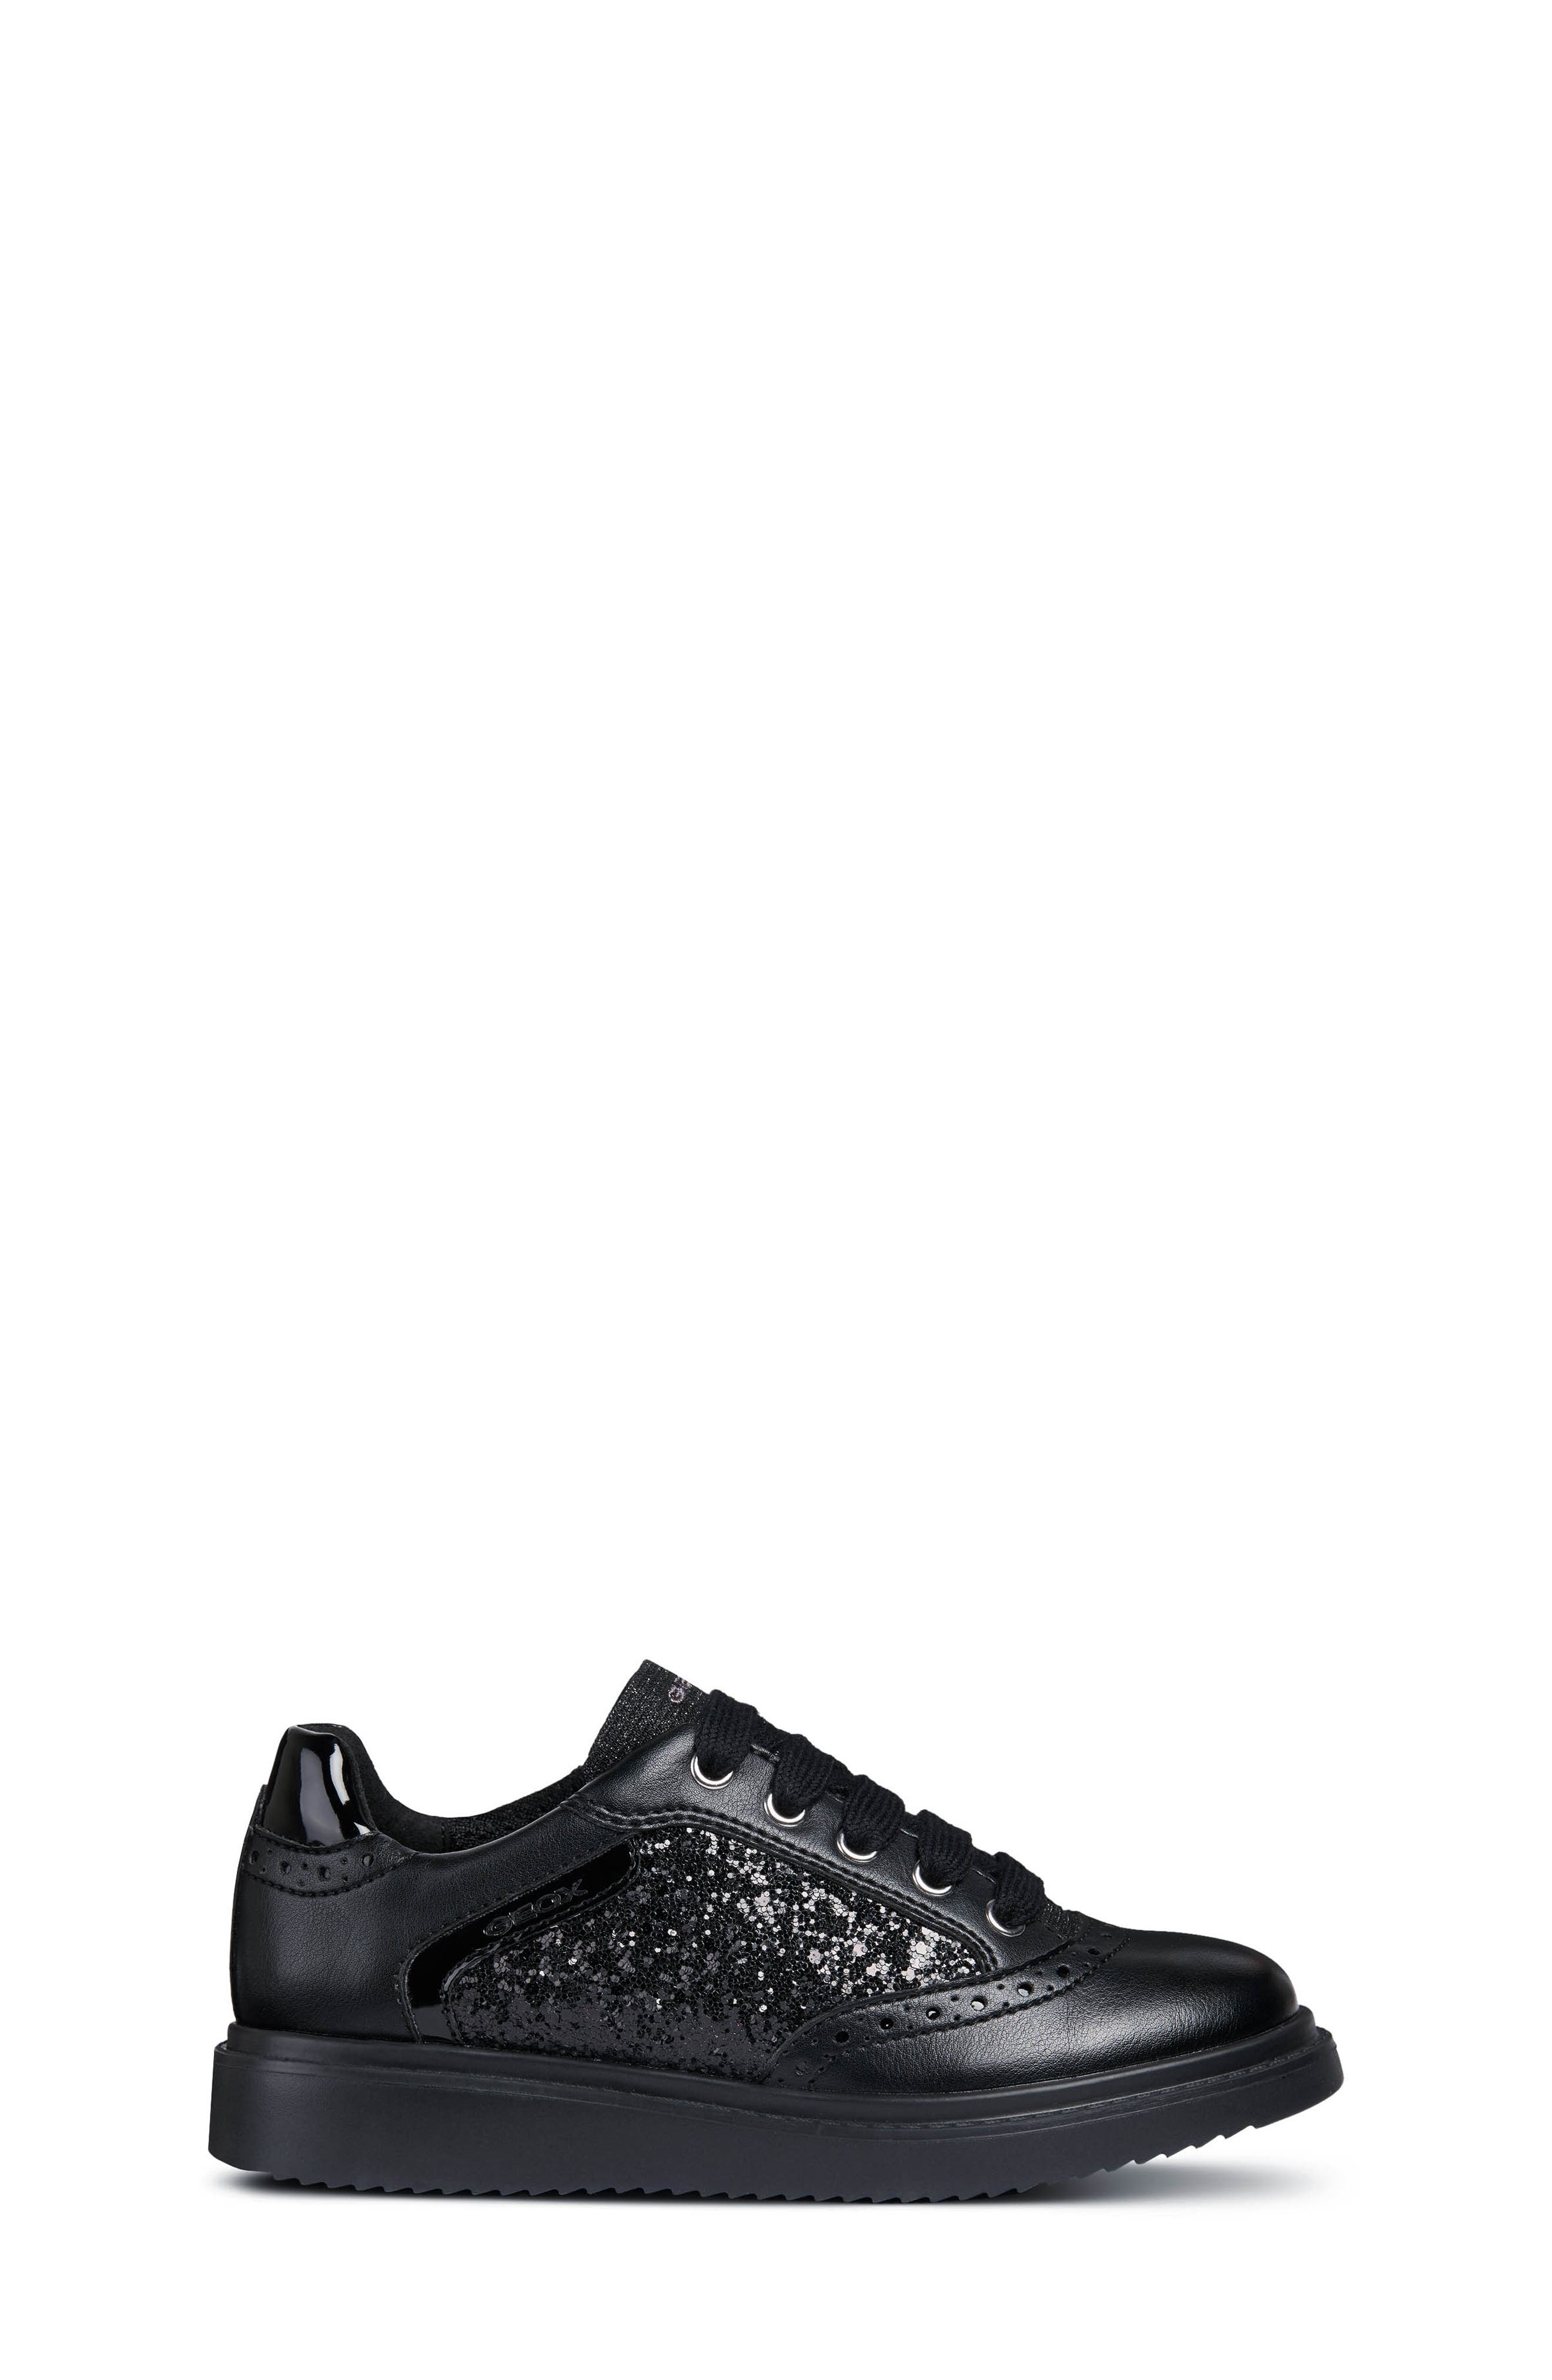 Thymar Sequin Sneaker,                             Alternate thumbnail 3, color,                             BLACK